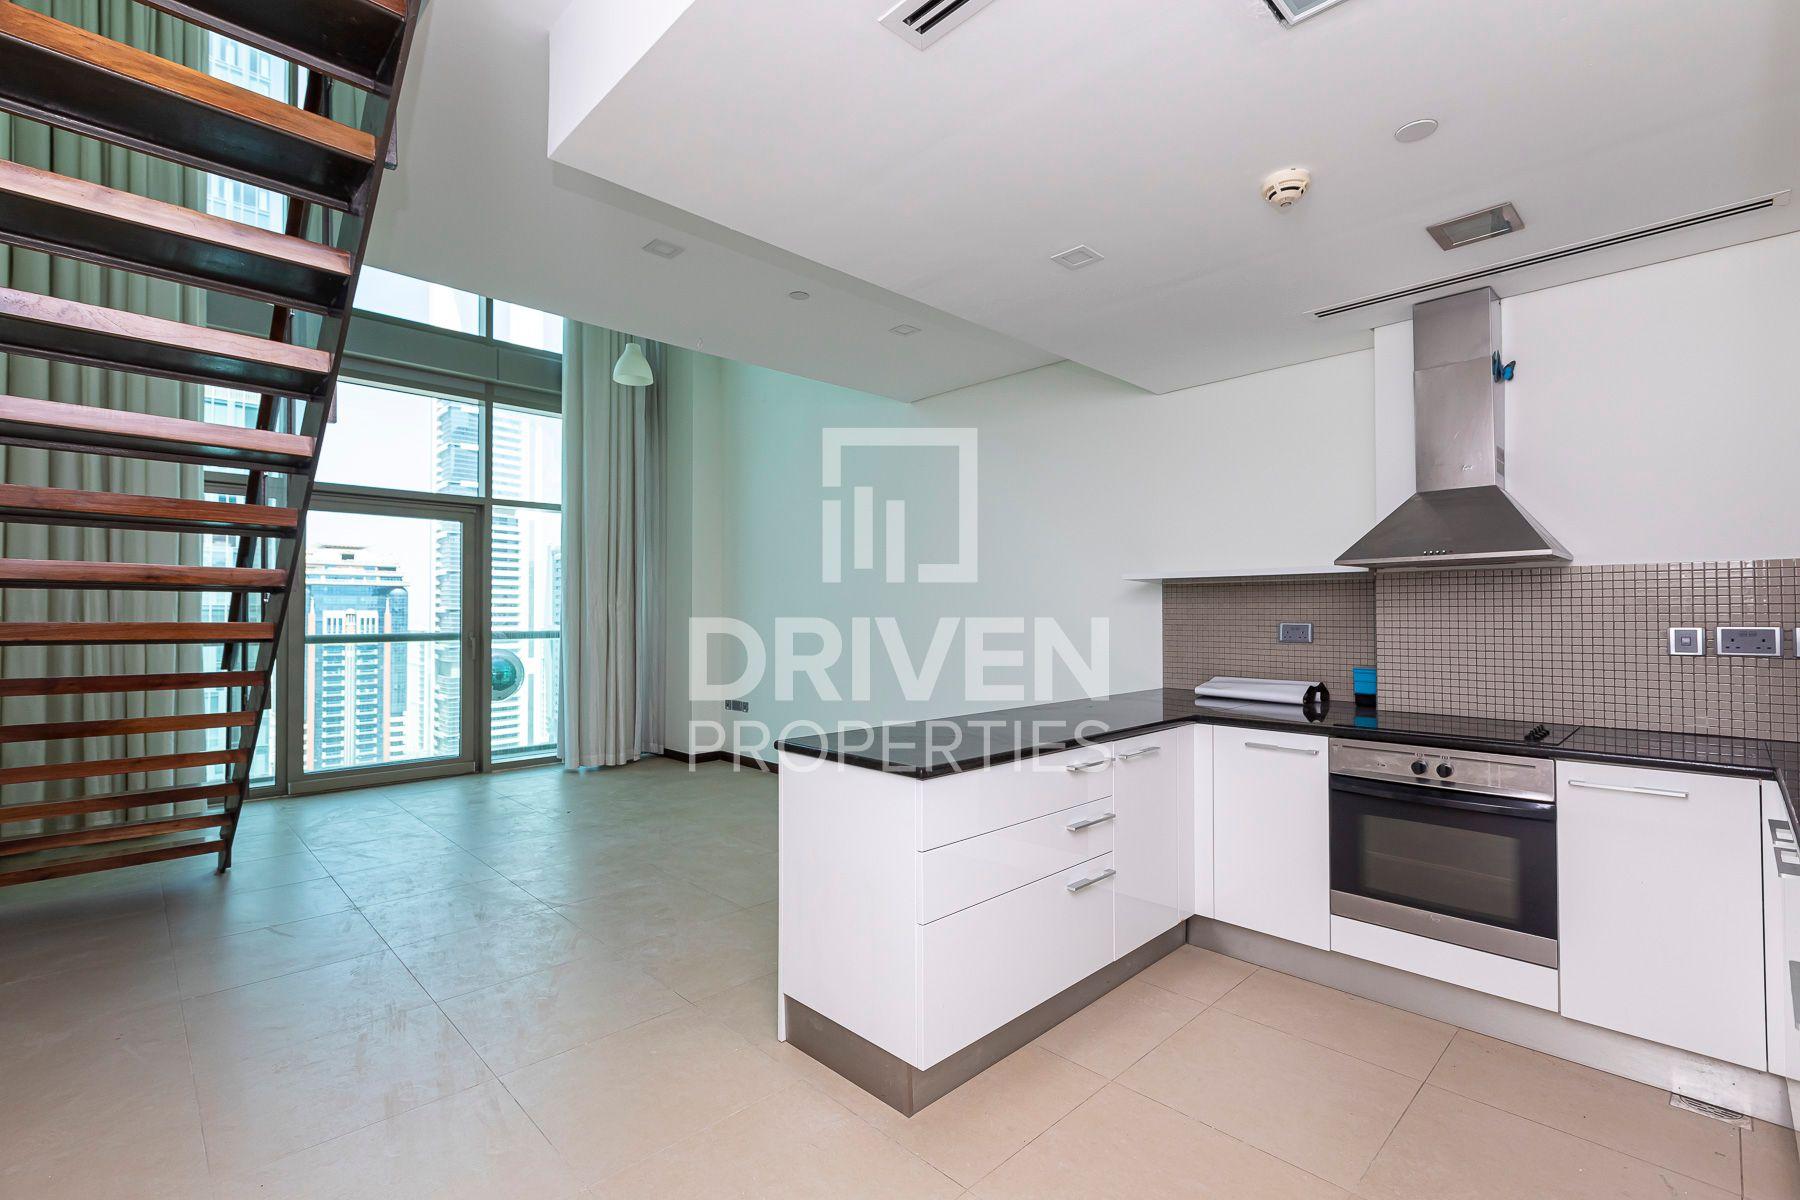 974 قدم مربع  شقة - للايجار - مركز دبي المالي العالمي